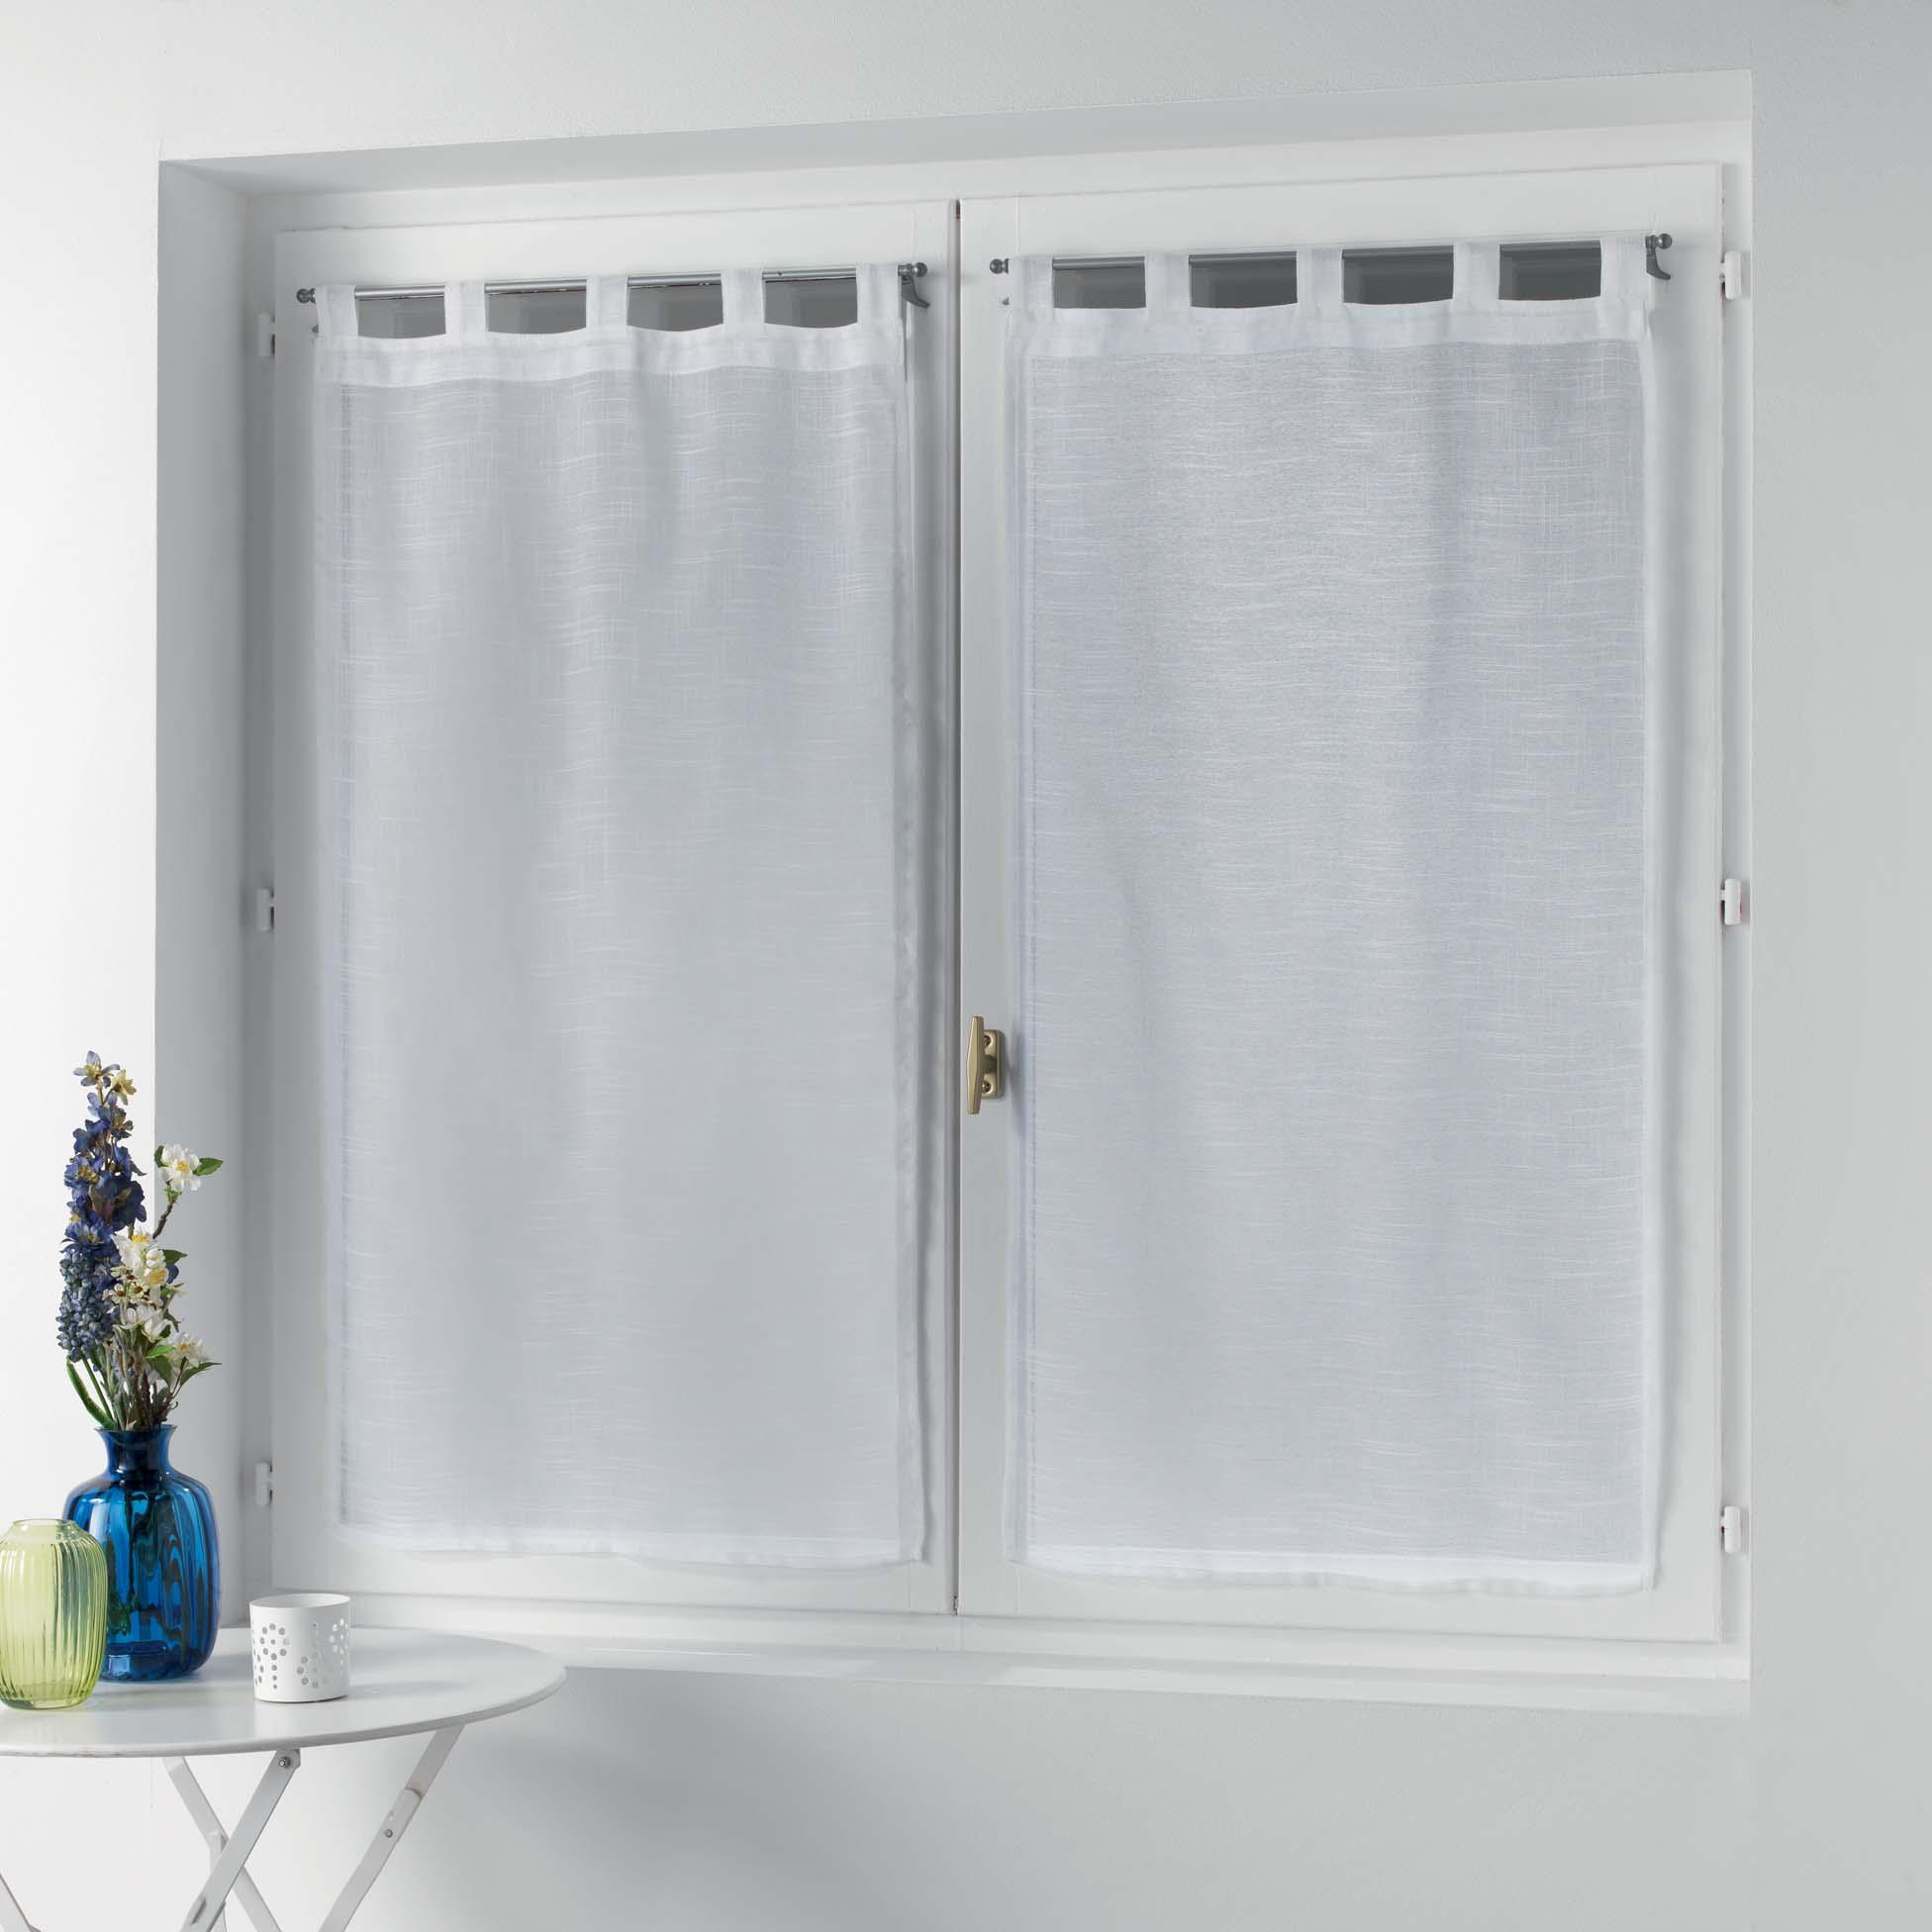 Petits vitrages droits à passants unis polyester blanc 160x60